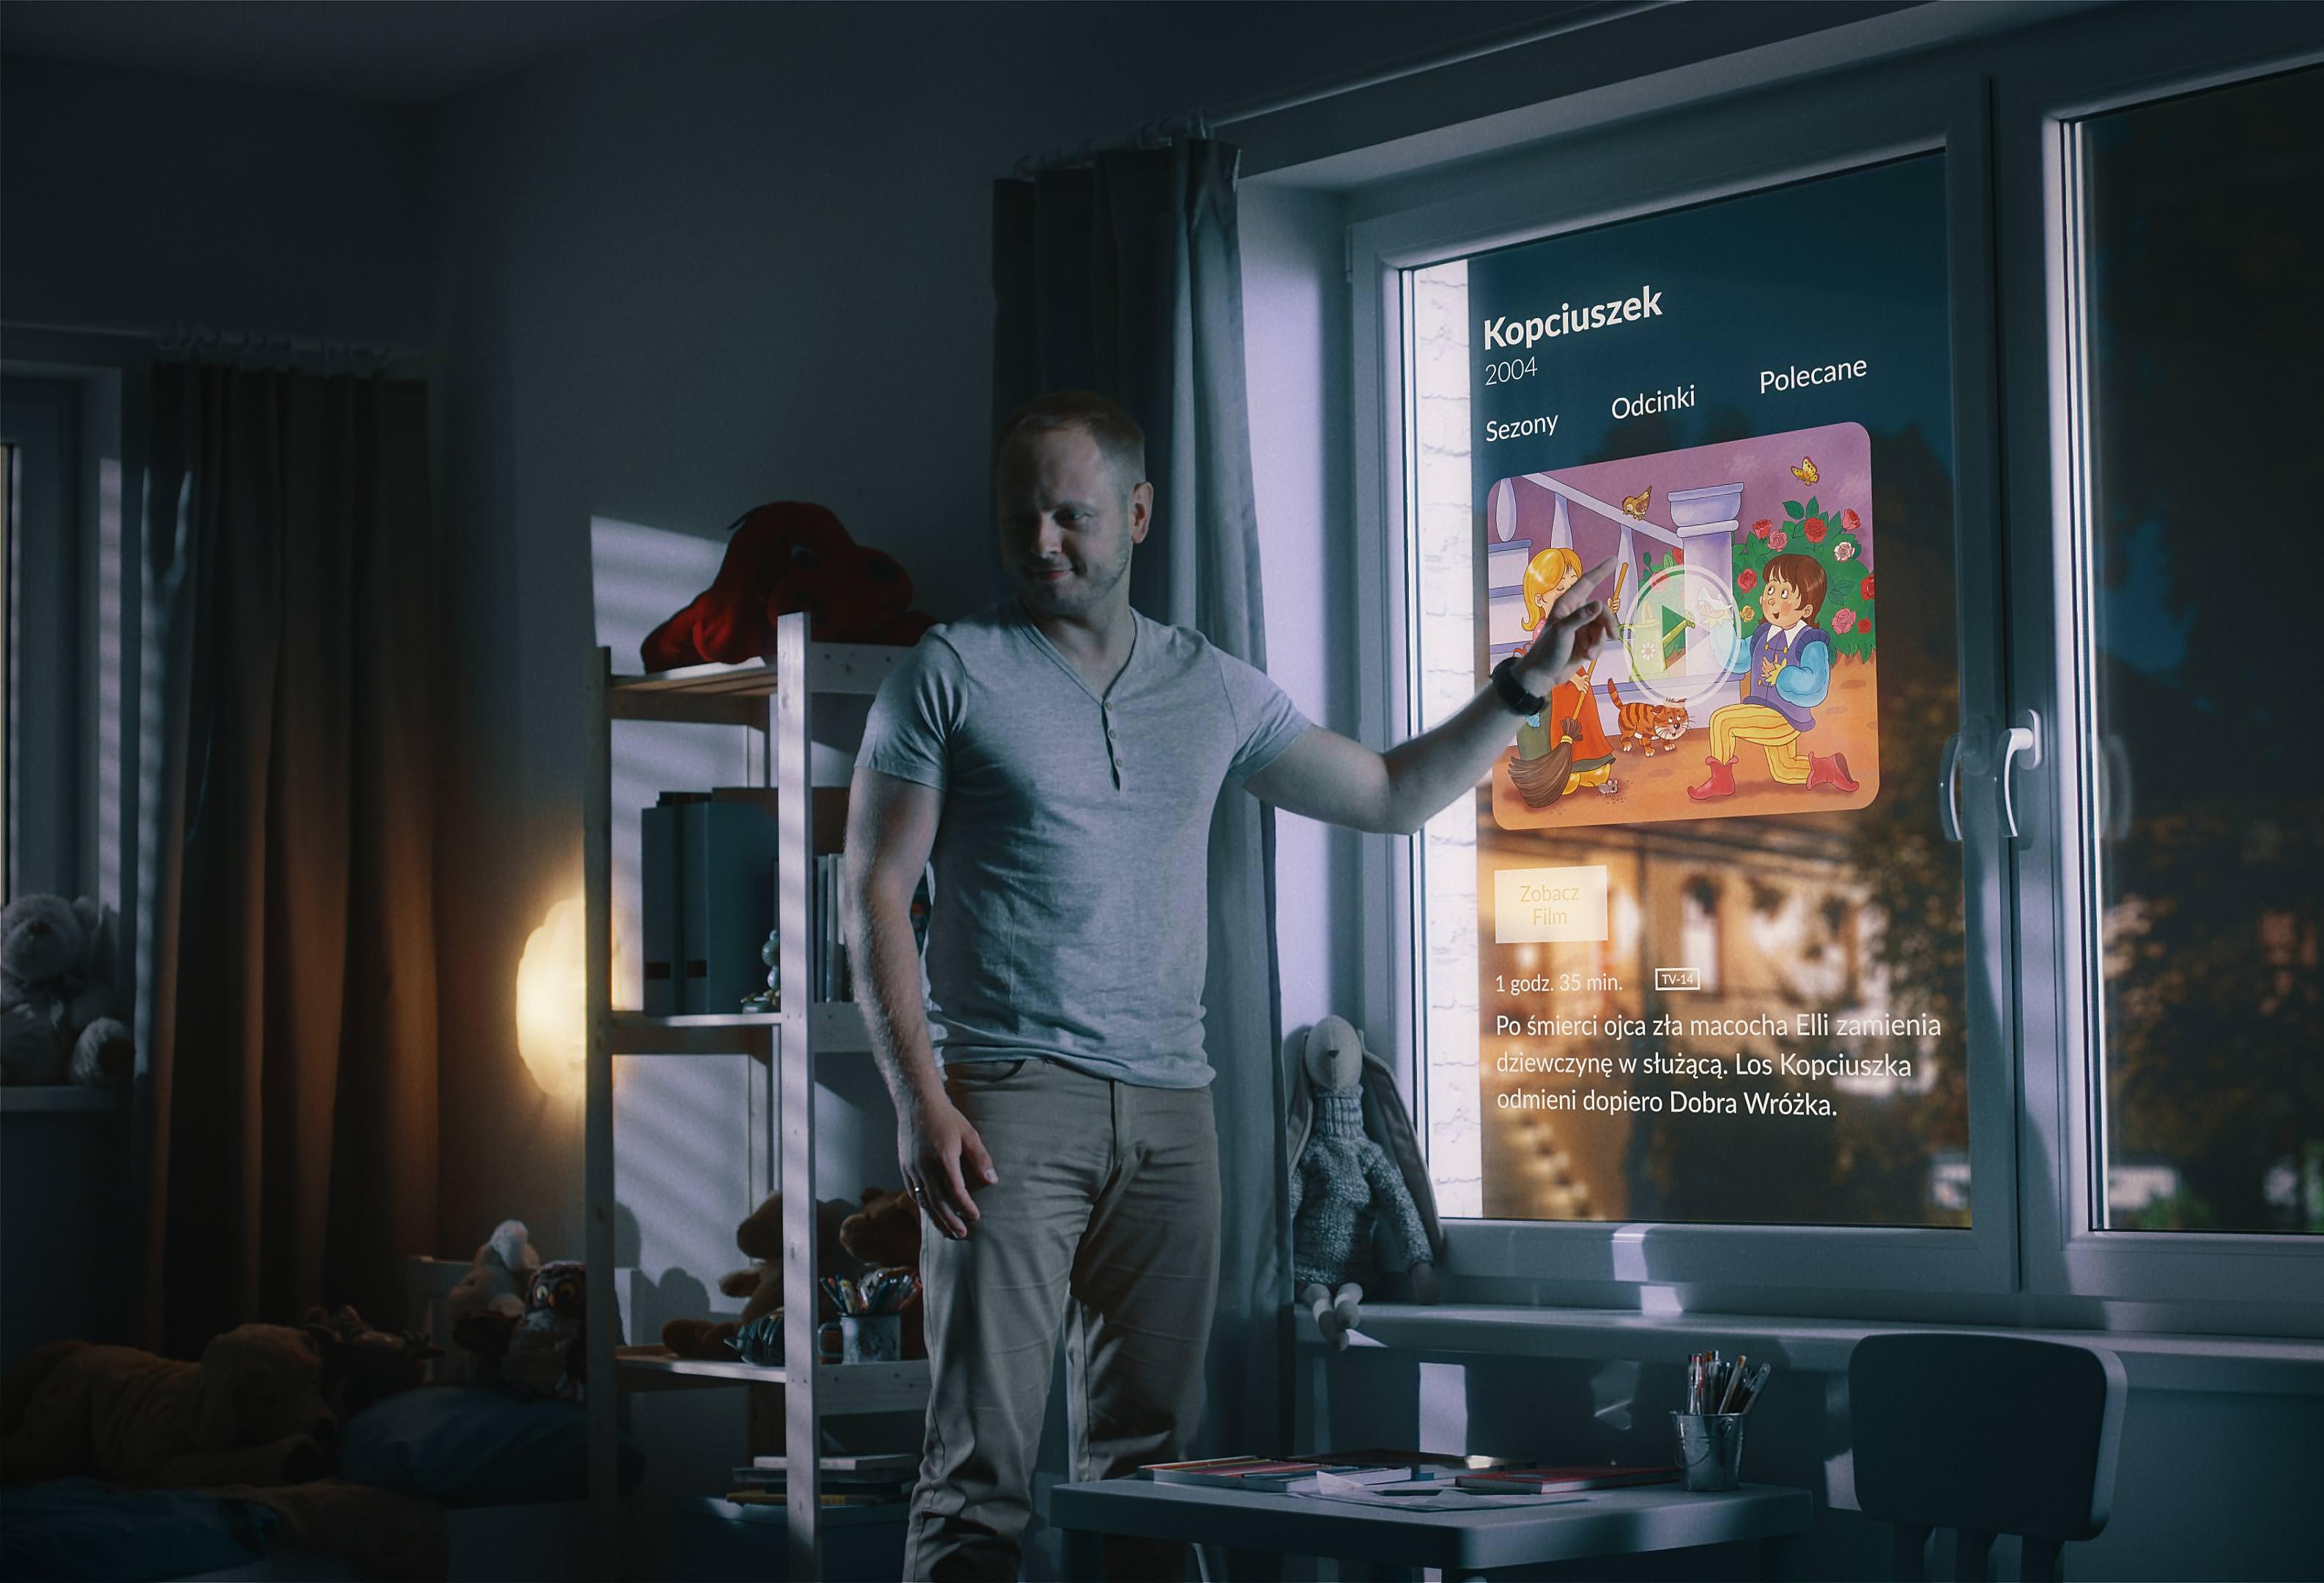 drutex verheiratet fernseher tablet virtuellen sonnenschutz und fenster zum smartwindow. Black Bedroom Furniture Sets. Home Design Ideas